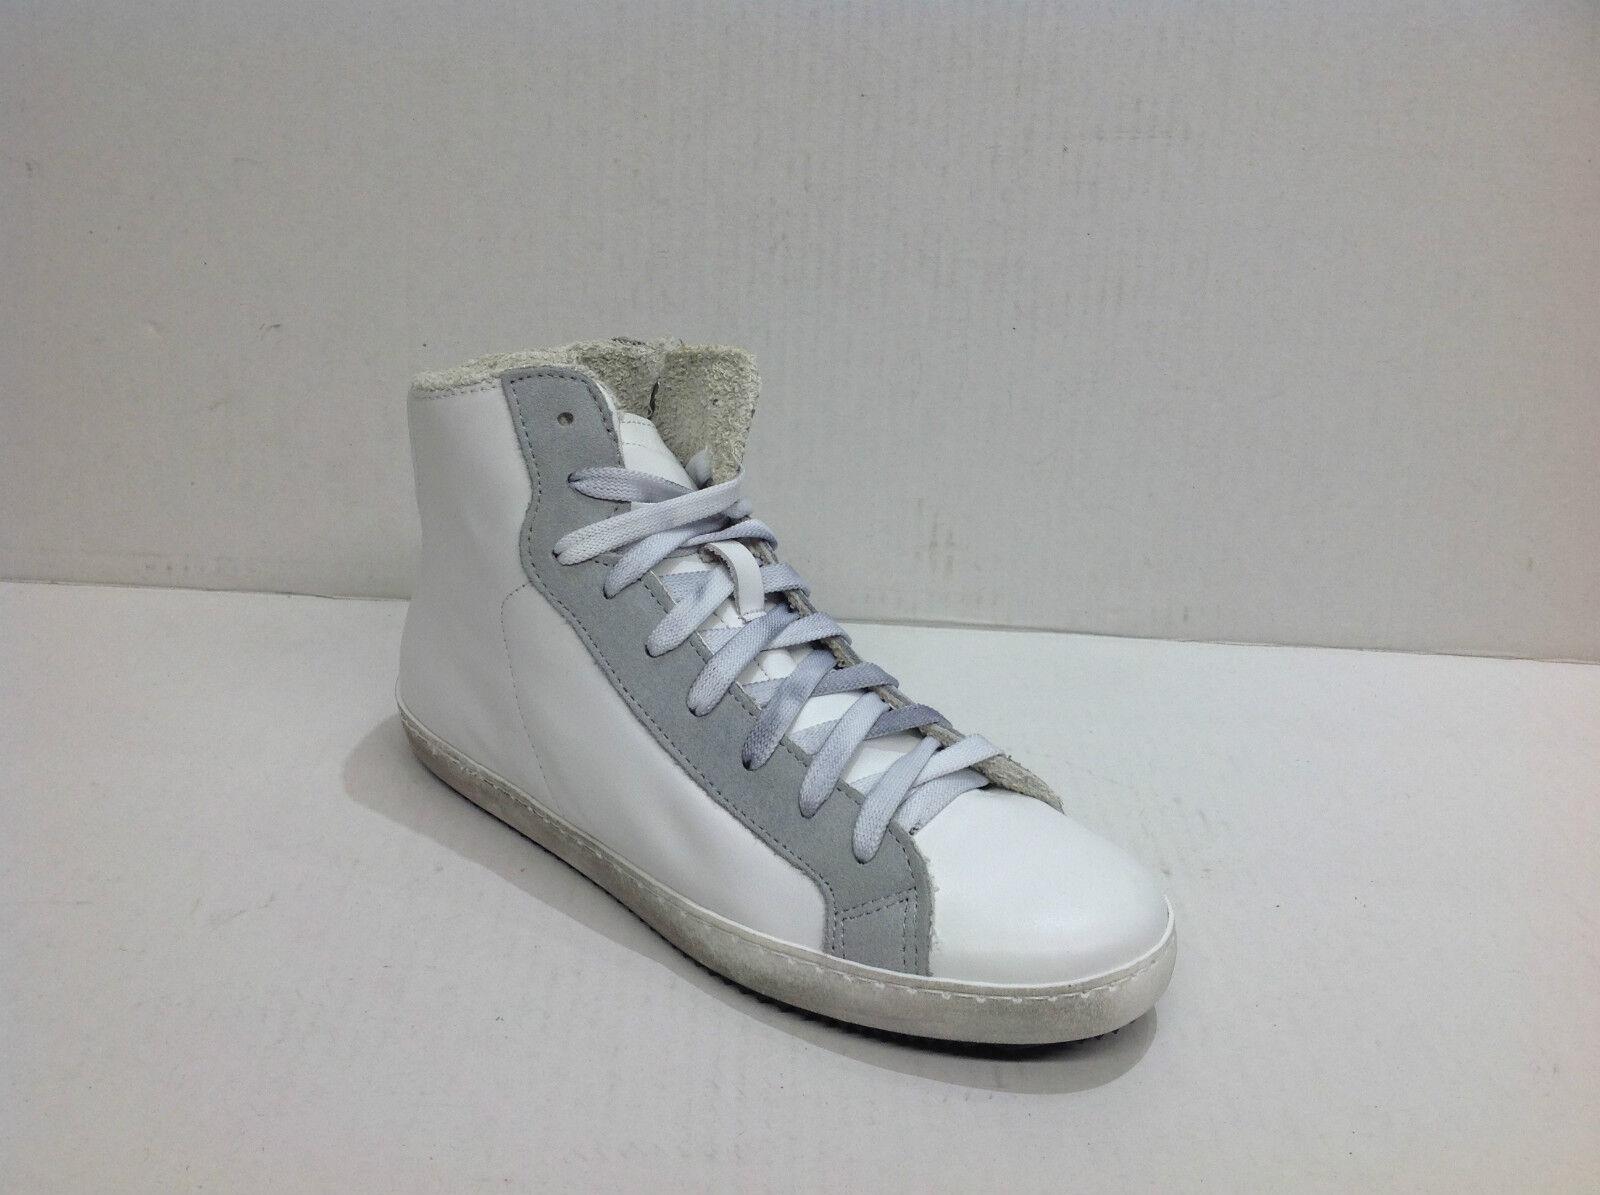 Scarpe scarpe da ginnastica alte uomo stivaletto pelle cerniera bianco ghiaccio Via Condott